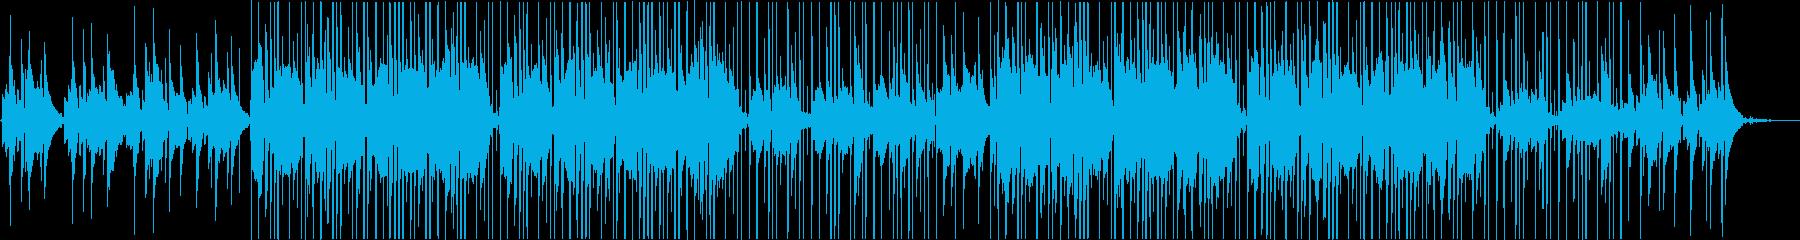 雨の日、少し憂鬱なLo-Fi音楽の再生済みの波形